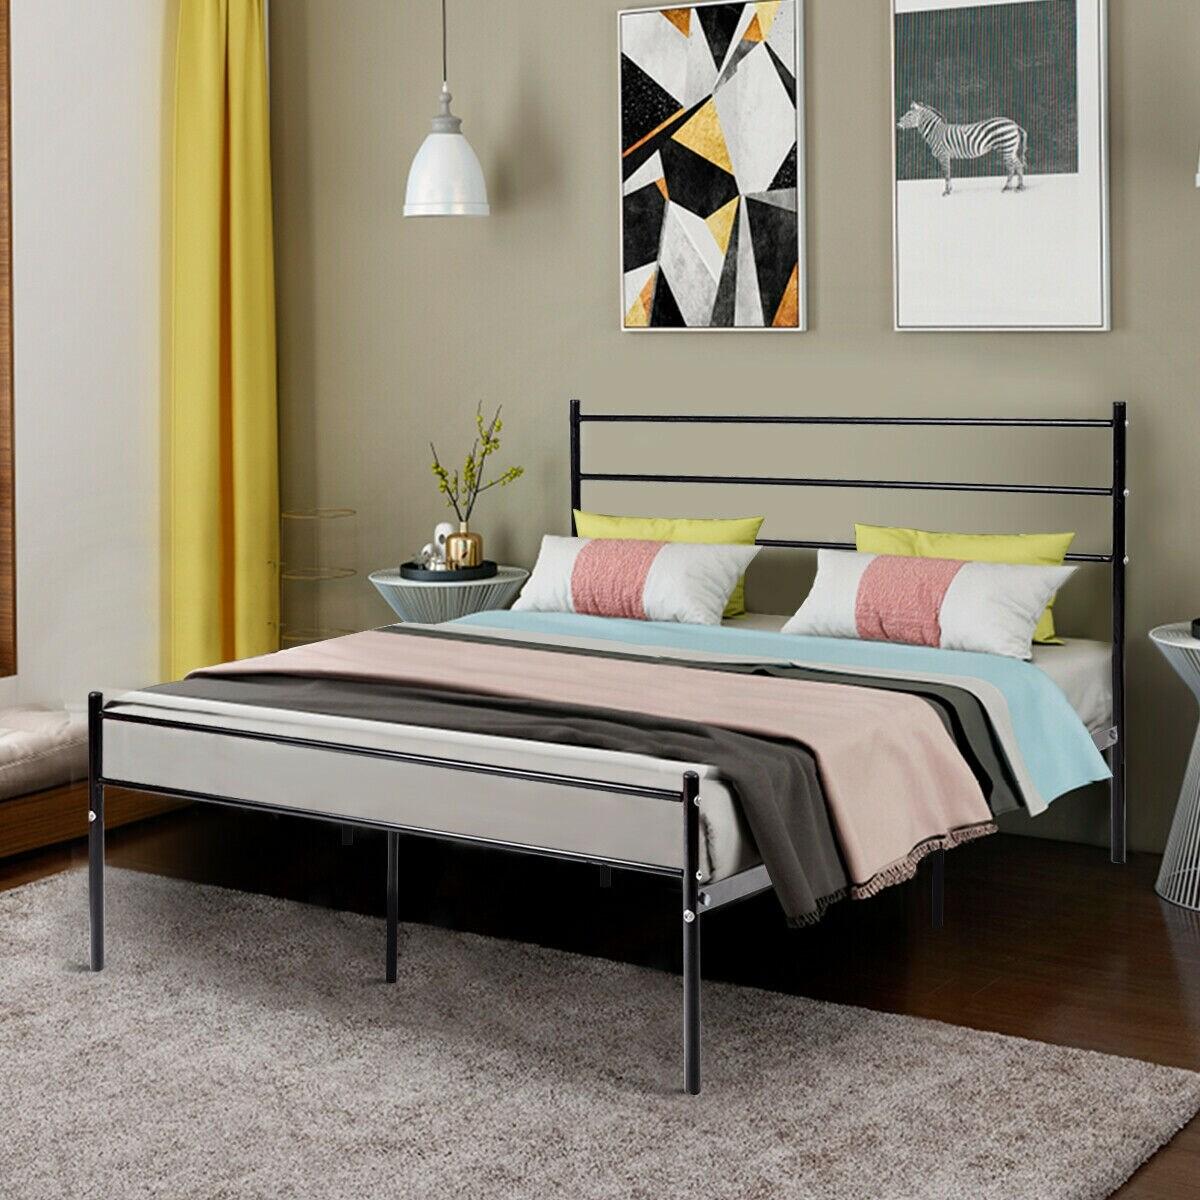 Shop Costway Black Full Size Metal Bed Frame Platform Headboard 10